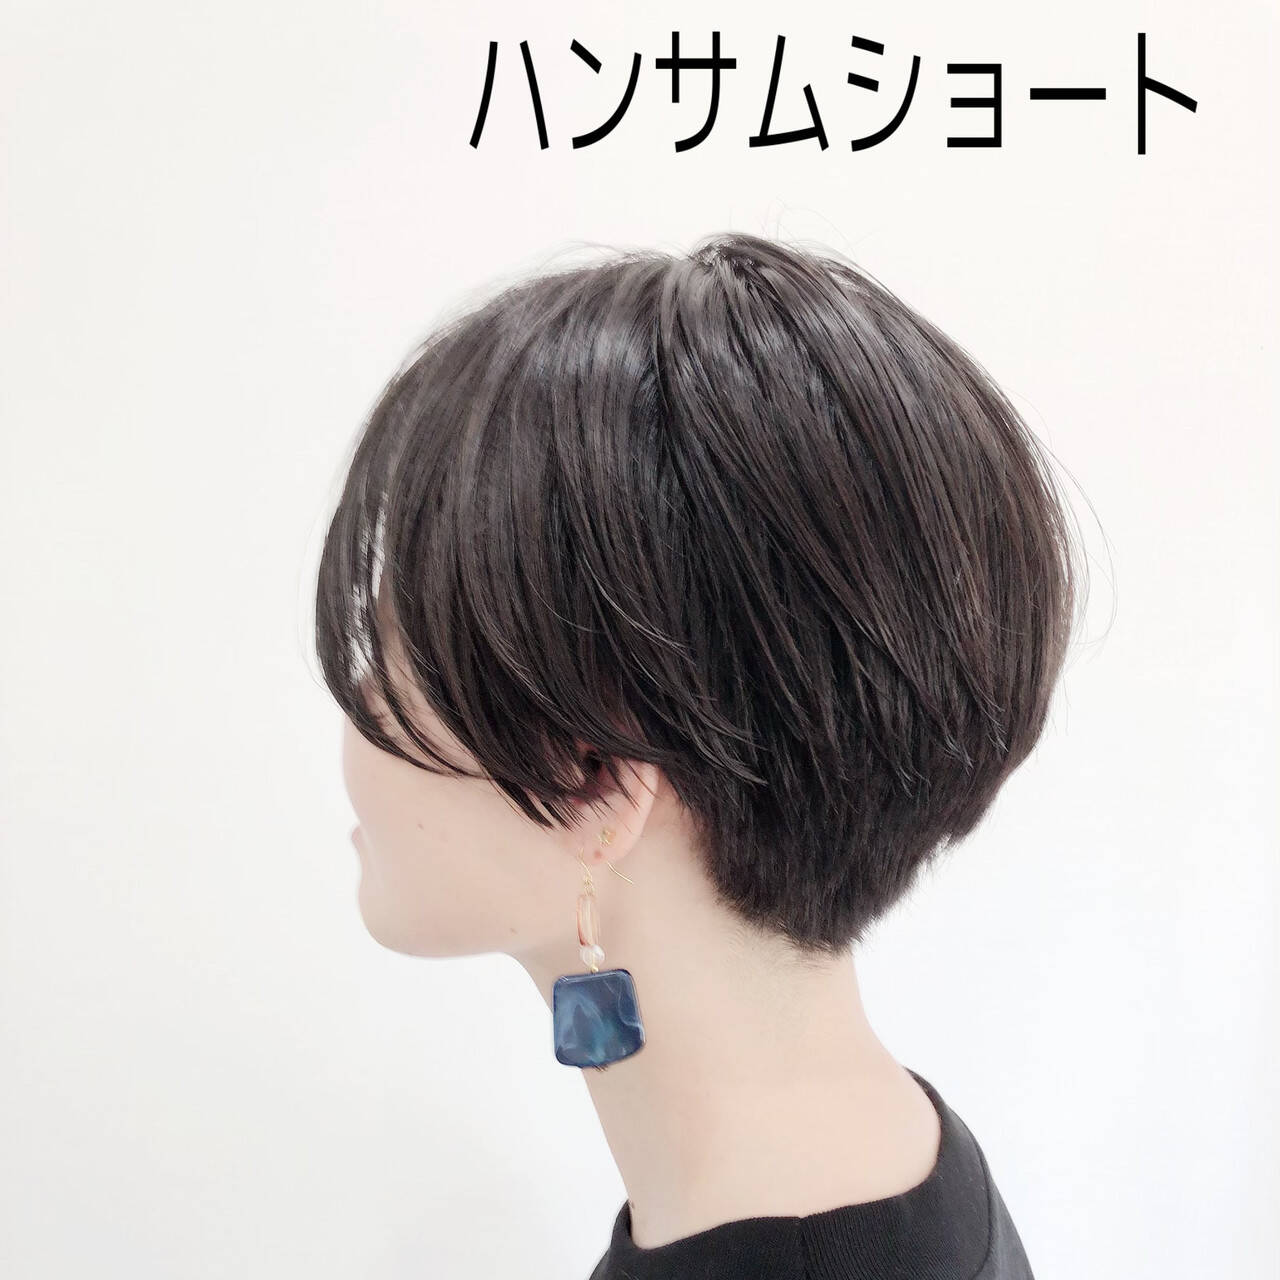 ミニボブ ショート ショートボブ ナチュラルヘアスタイルや髪型の写真・画像